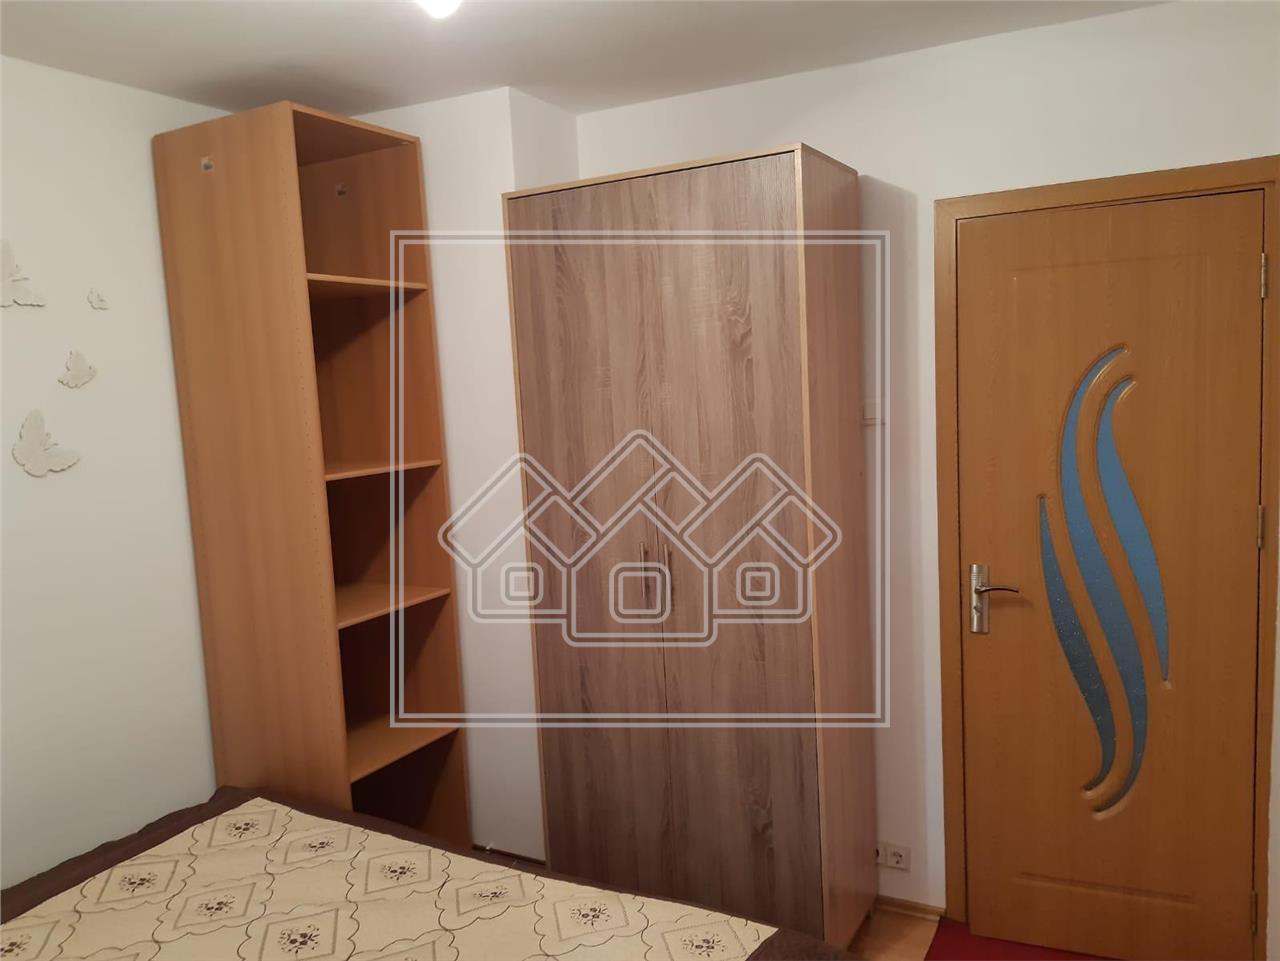 Apartament de inchiriat in Sibiu - 3 camere - etaj 2 - Aleea Biruintei